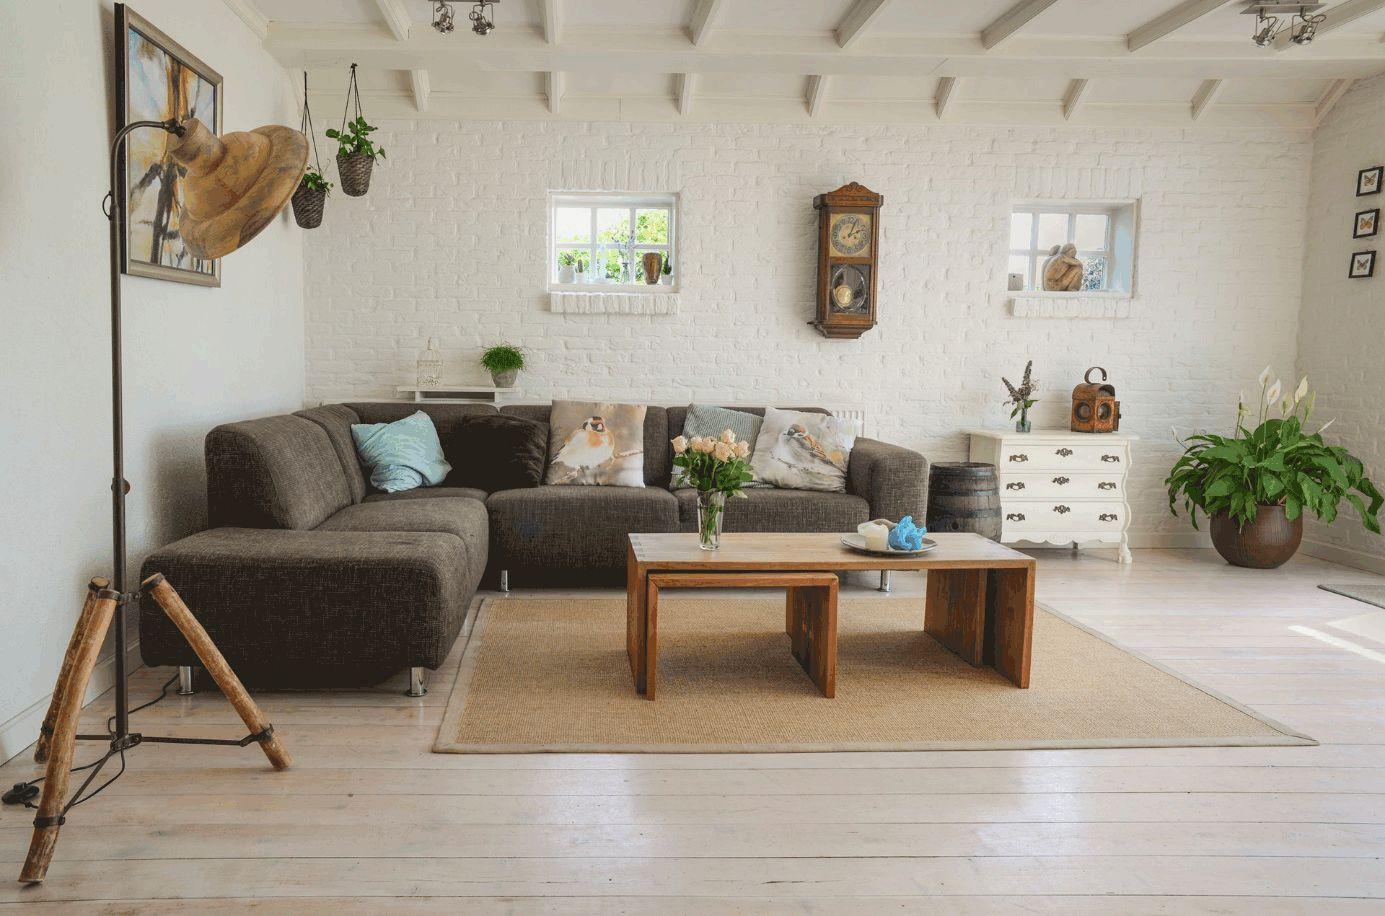 Wohnzimmer mit Couch und braunem Holztisch